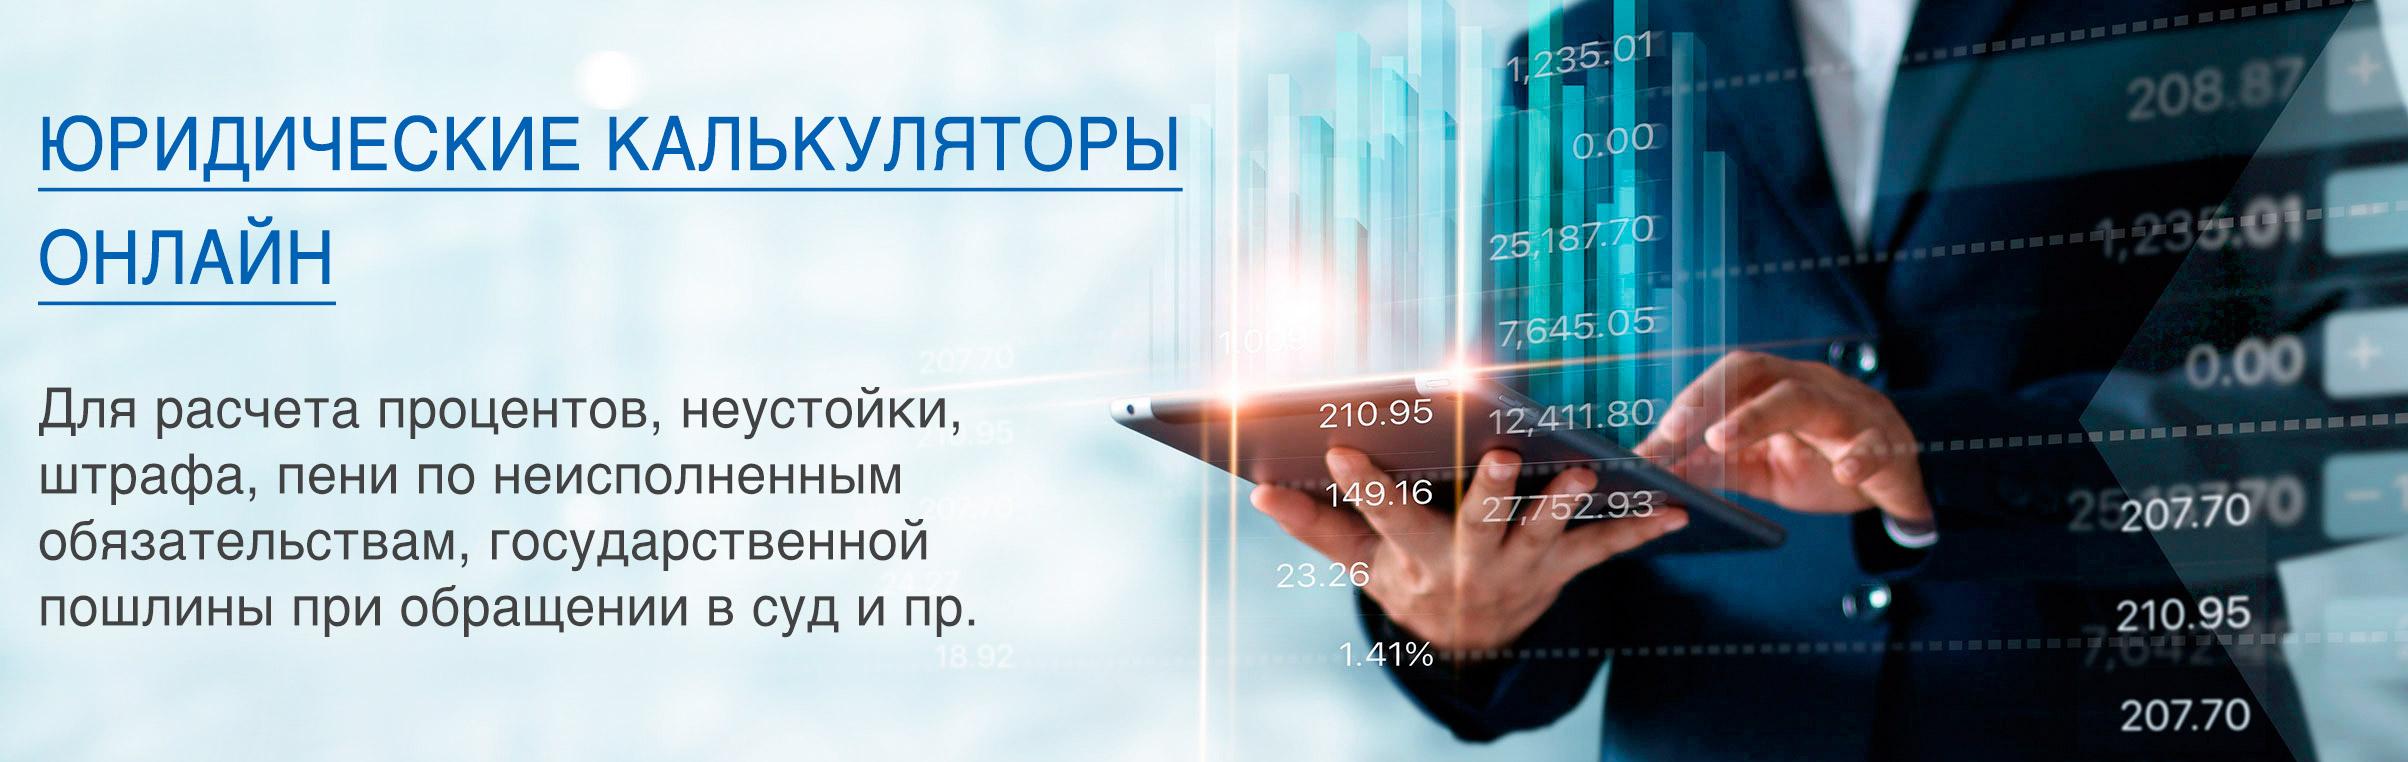 потребительский кредит в москве без справок